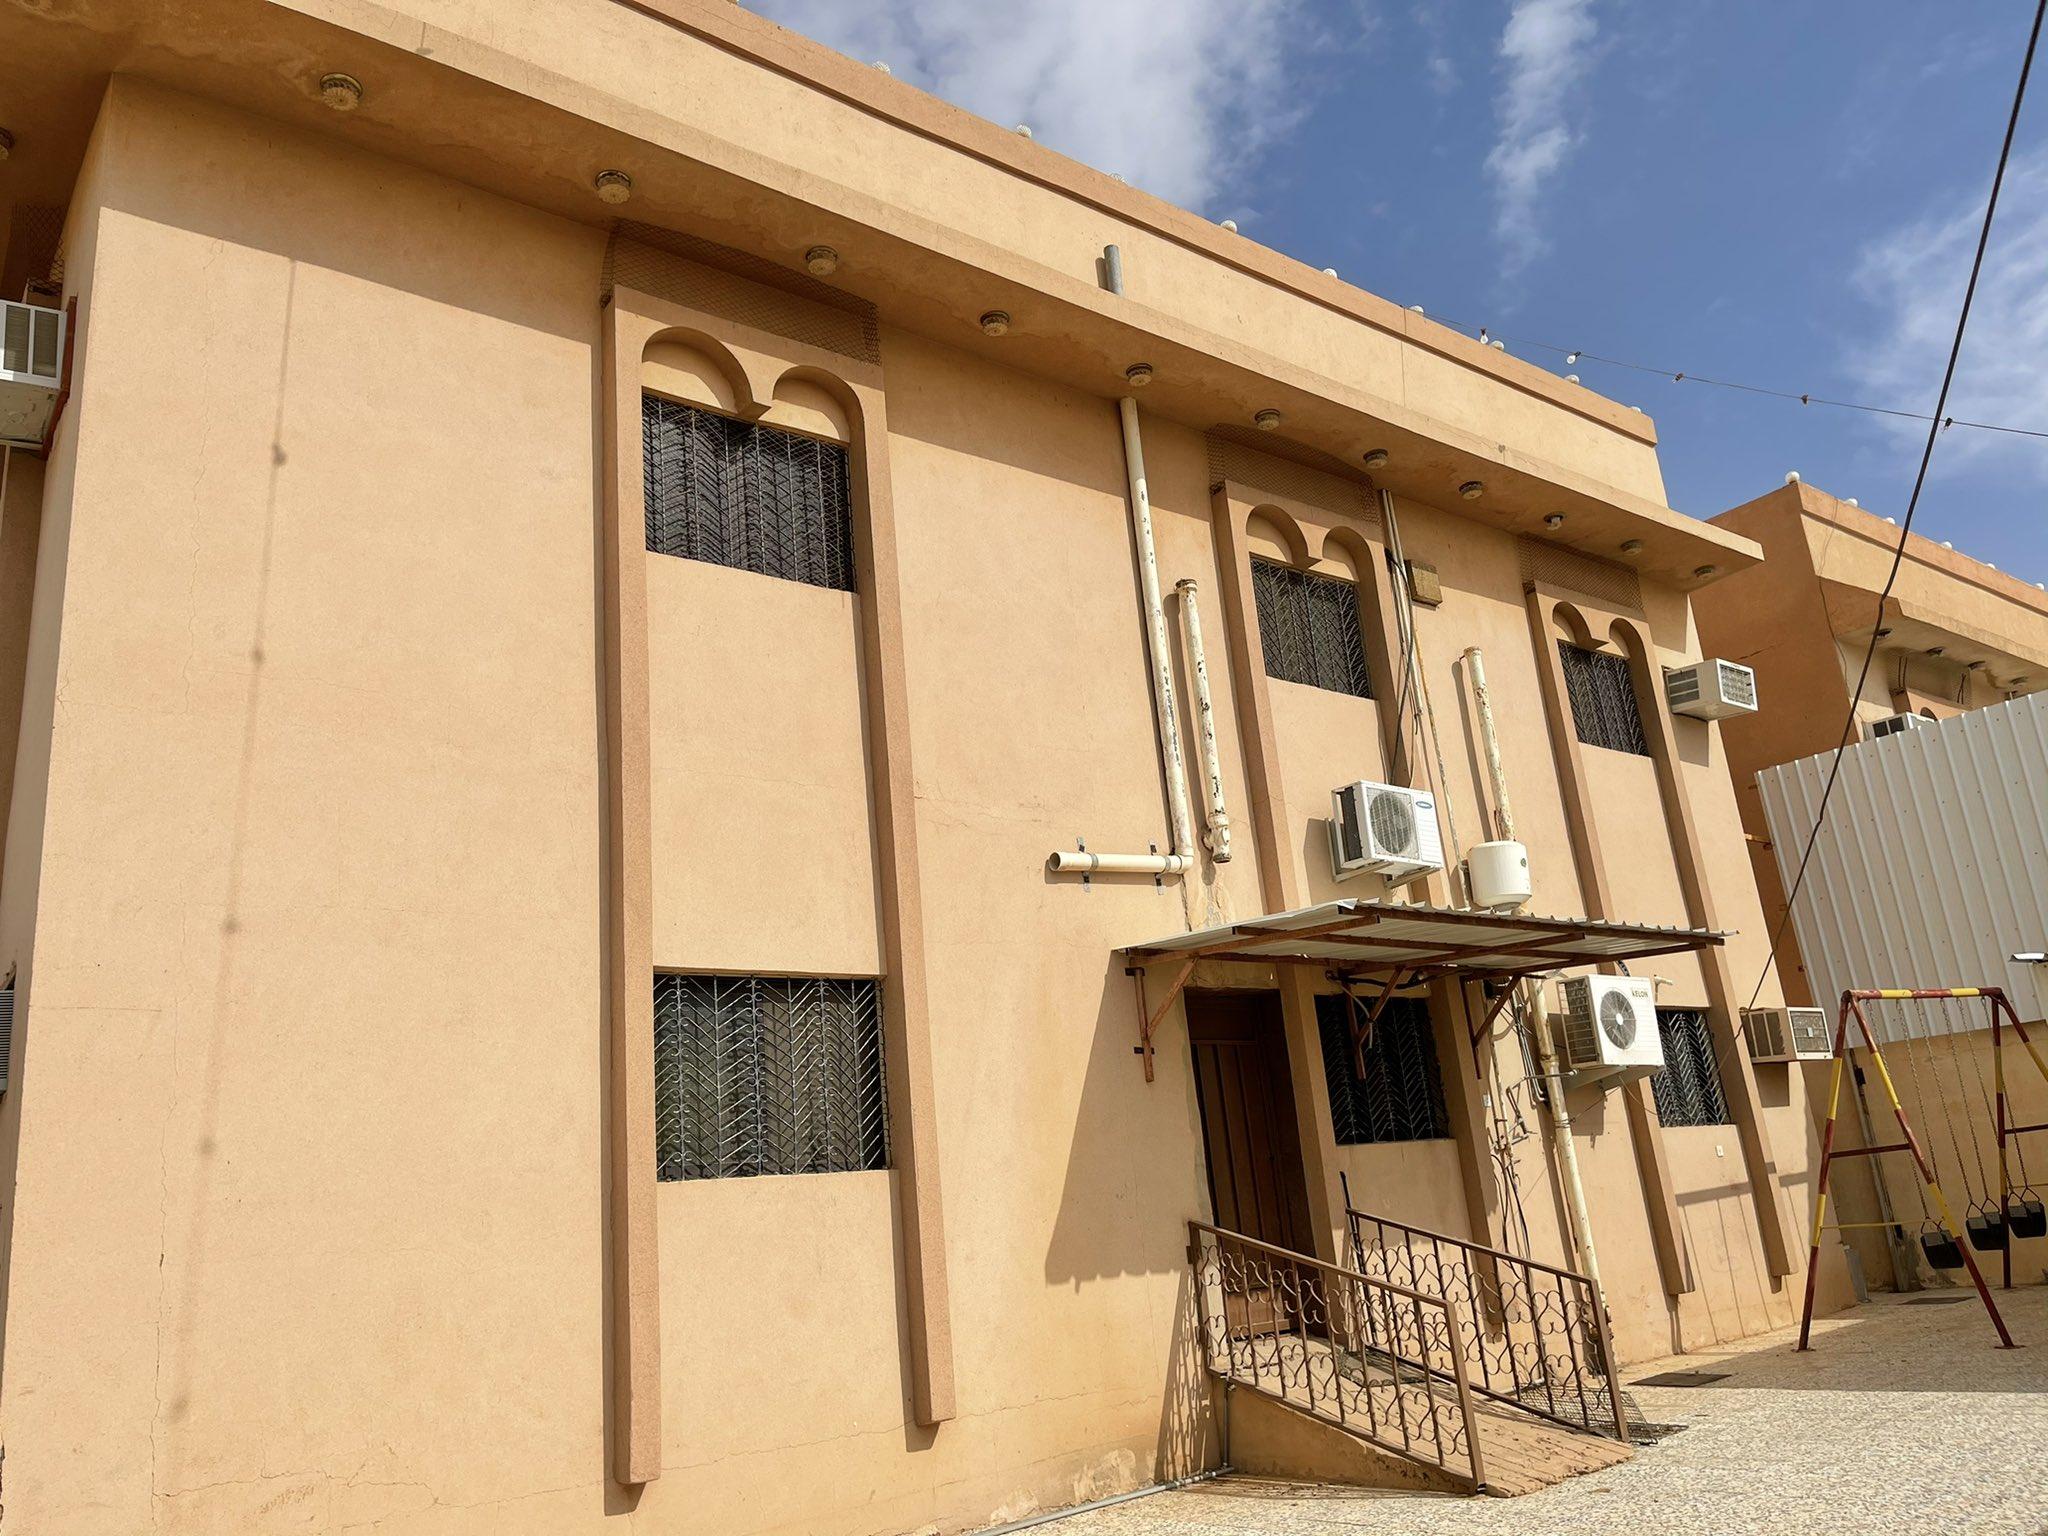 للبيع فيلا دورين مفصولات + حوش الموقع: البكيرية حي العزيزية